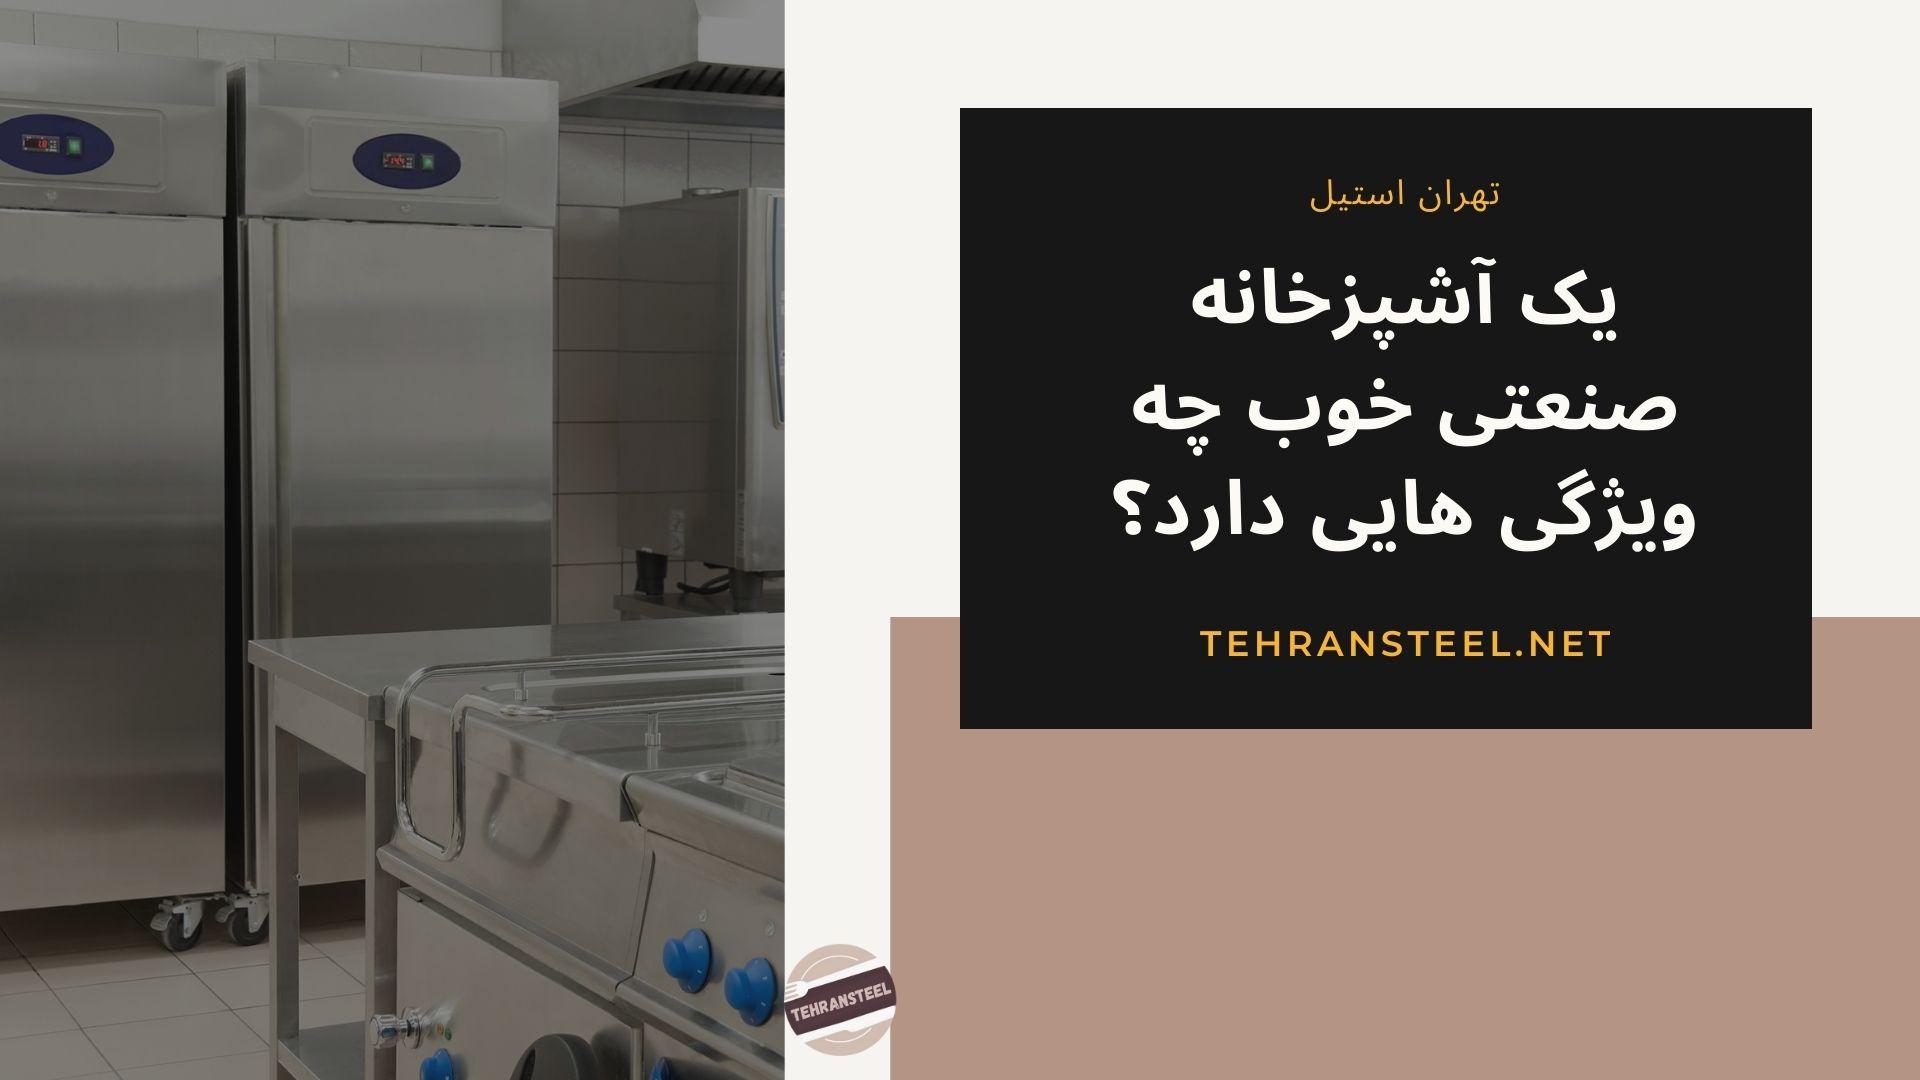 یک آشپزخانه صنعتی خوب چه ویژگی هایی دارد؟